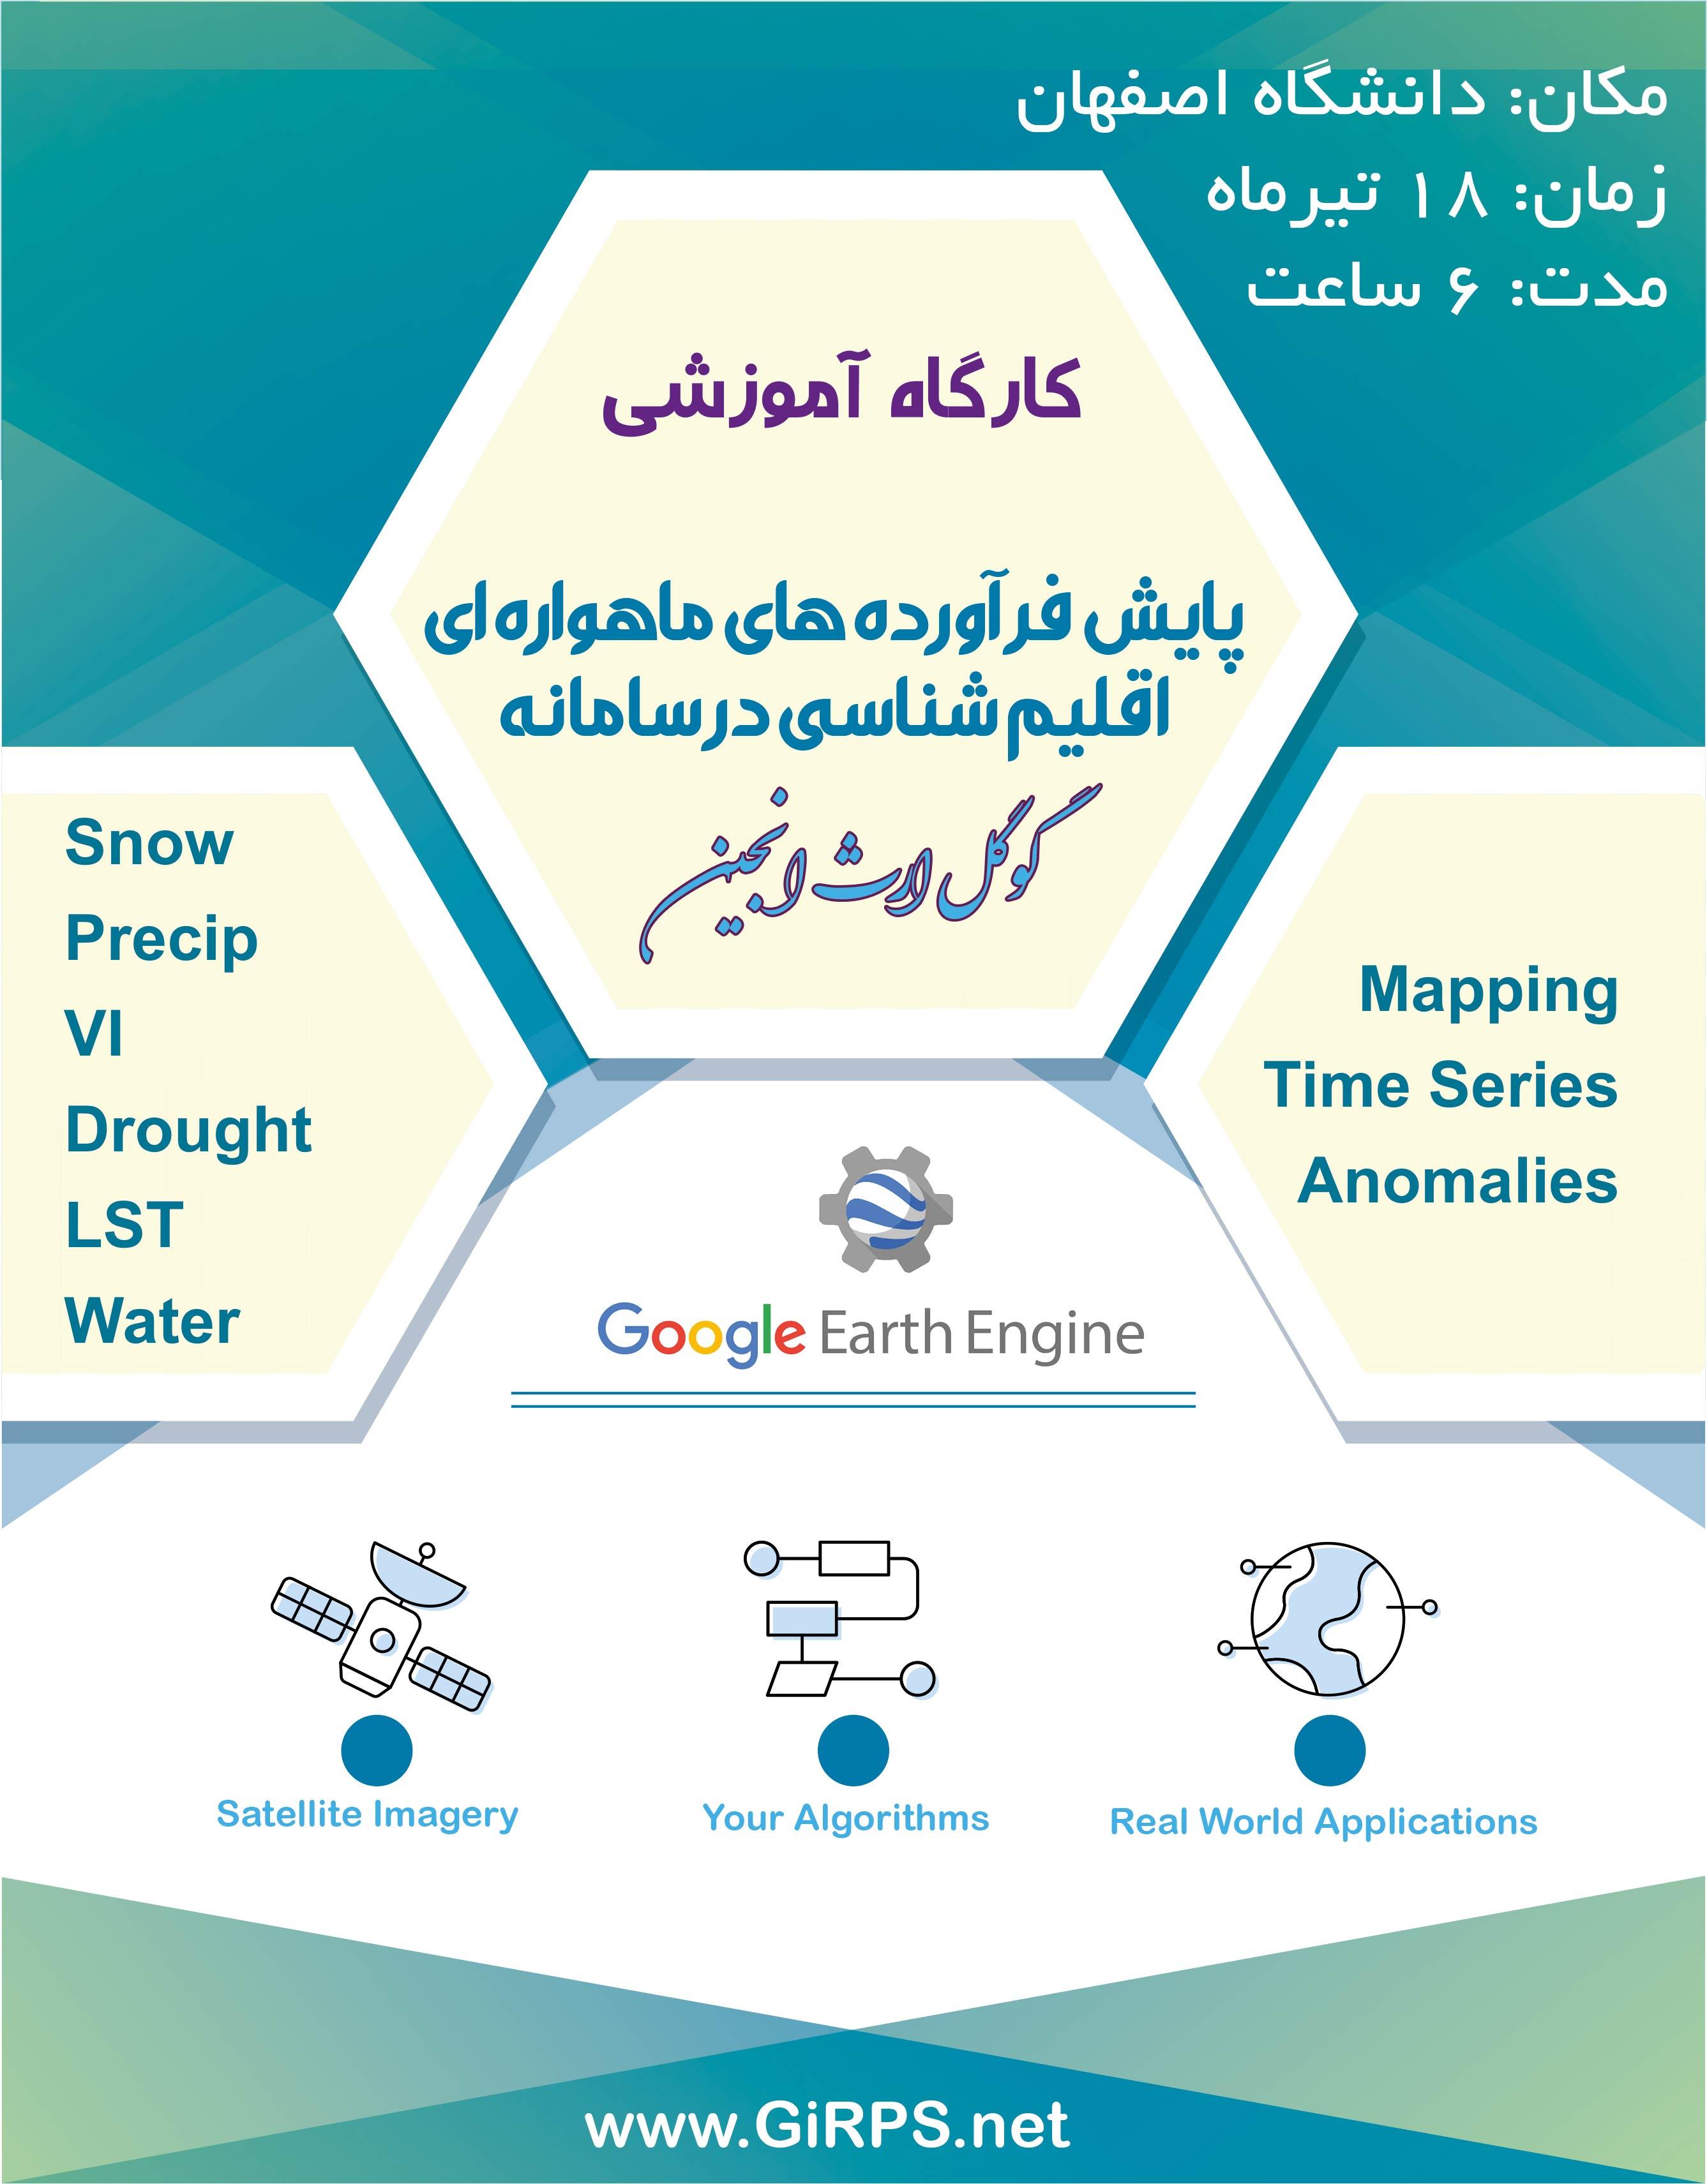 سامانه گوگل ارث انجین در اقلیم شناسی